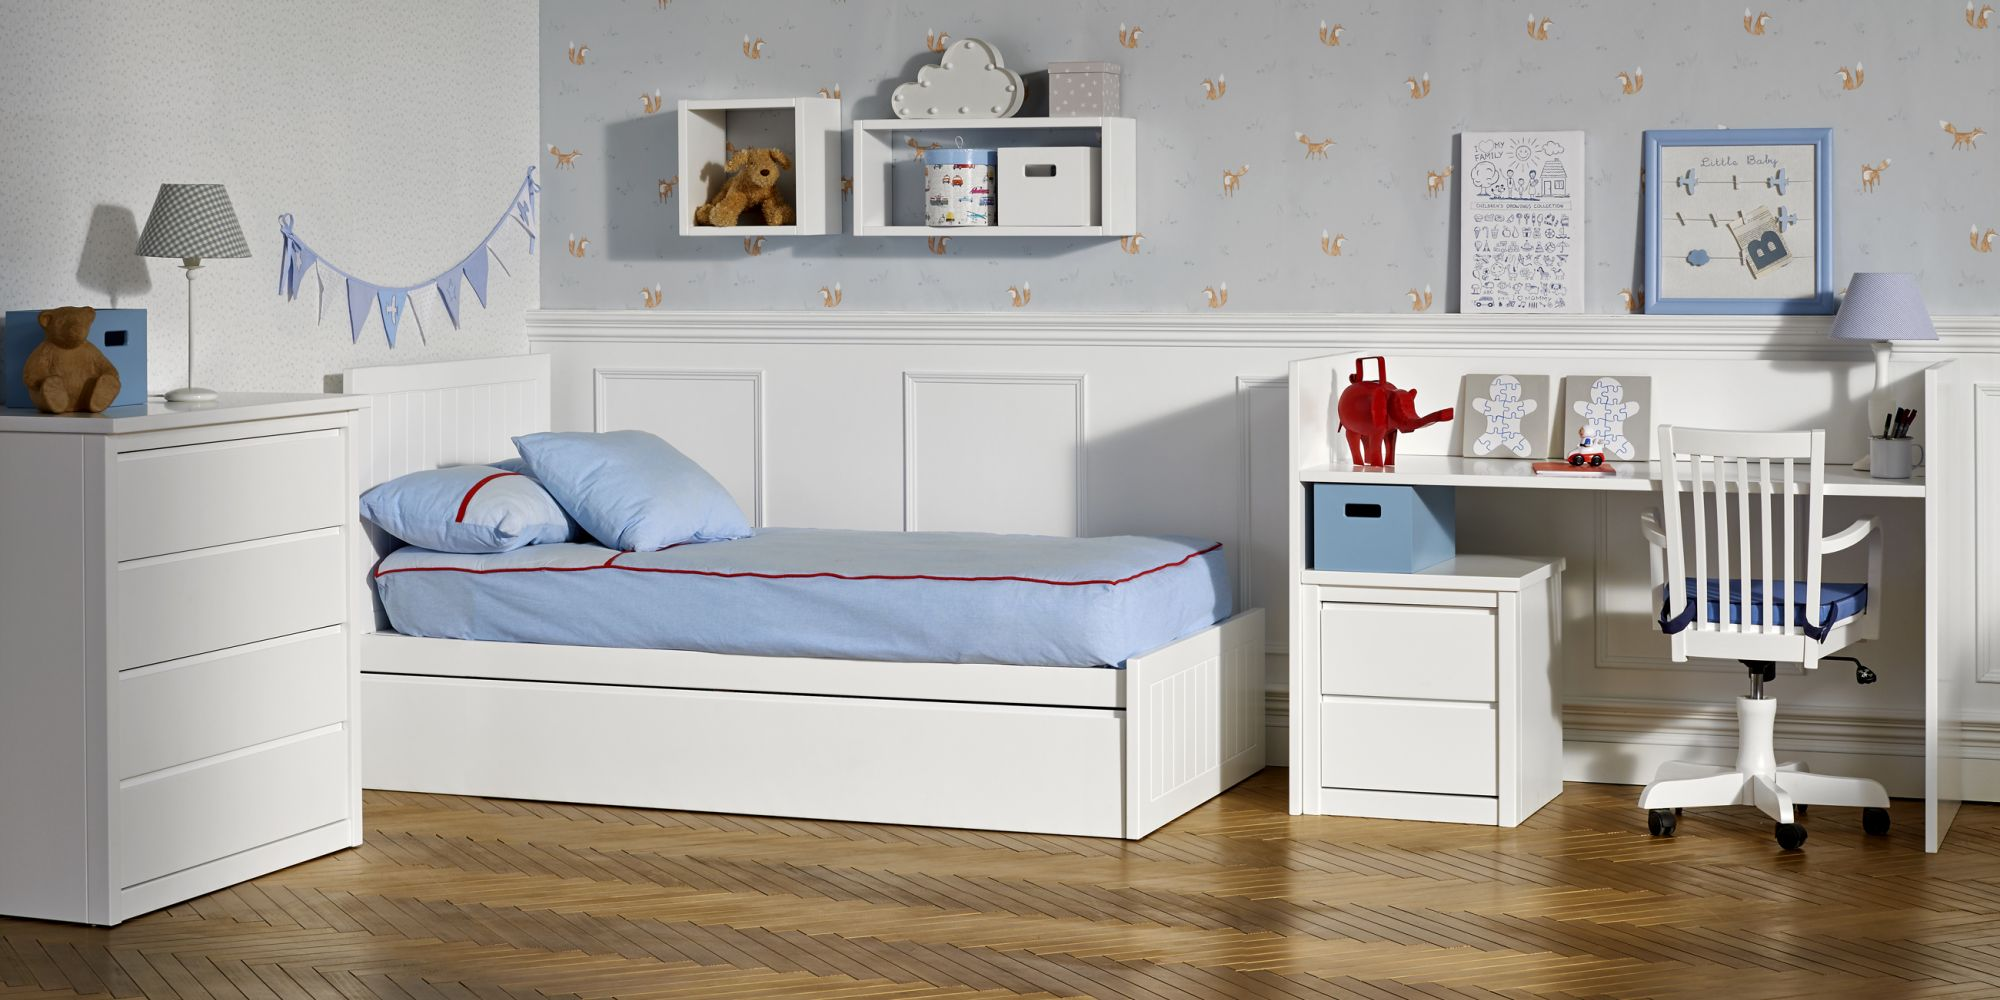 Convertible cama con zona de almacenaje y zona de estudio